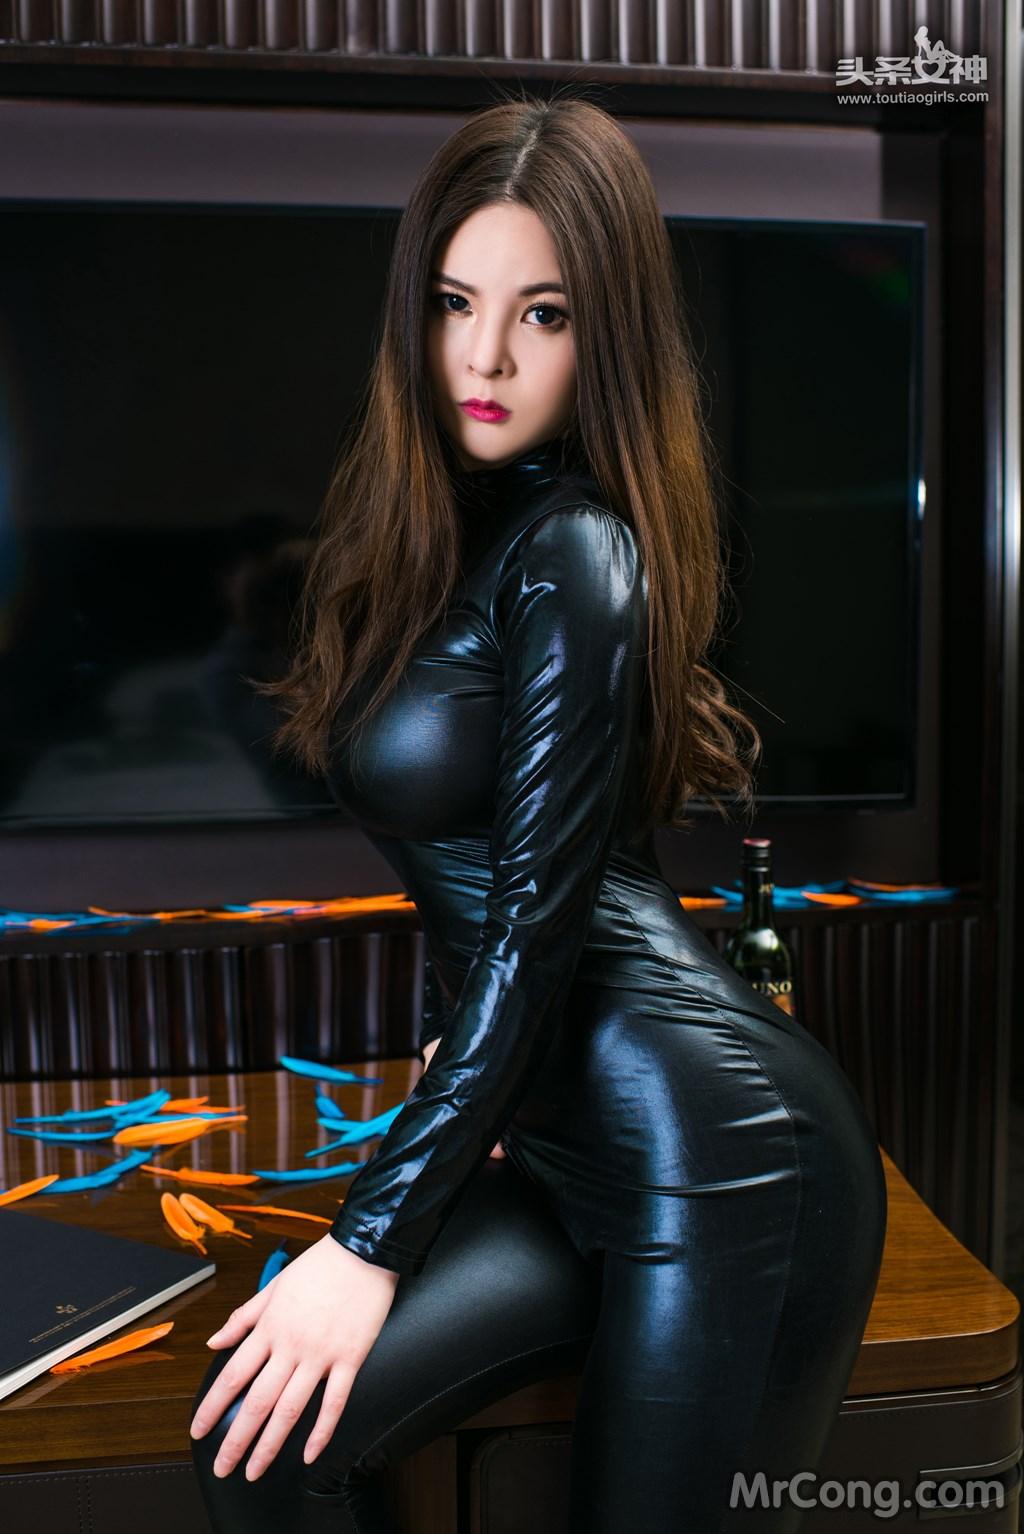 Image MrCong.com-TouTiao-2017-02-11-Tong-An-Qi-006 in post TouTiao 2017-02-11: Người mẫu Tong An Qi (童安琪) (27 ảnh)